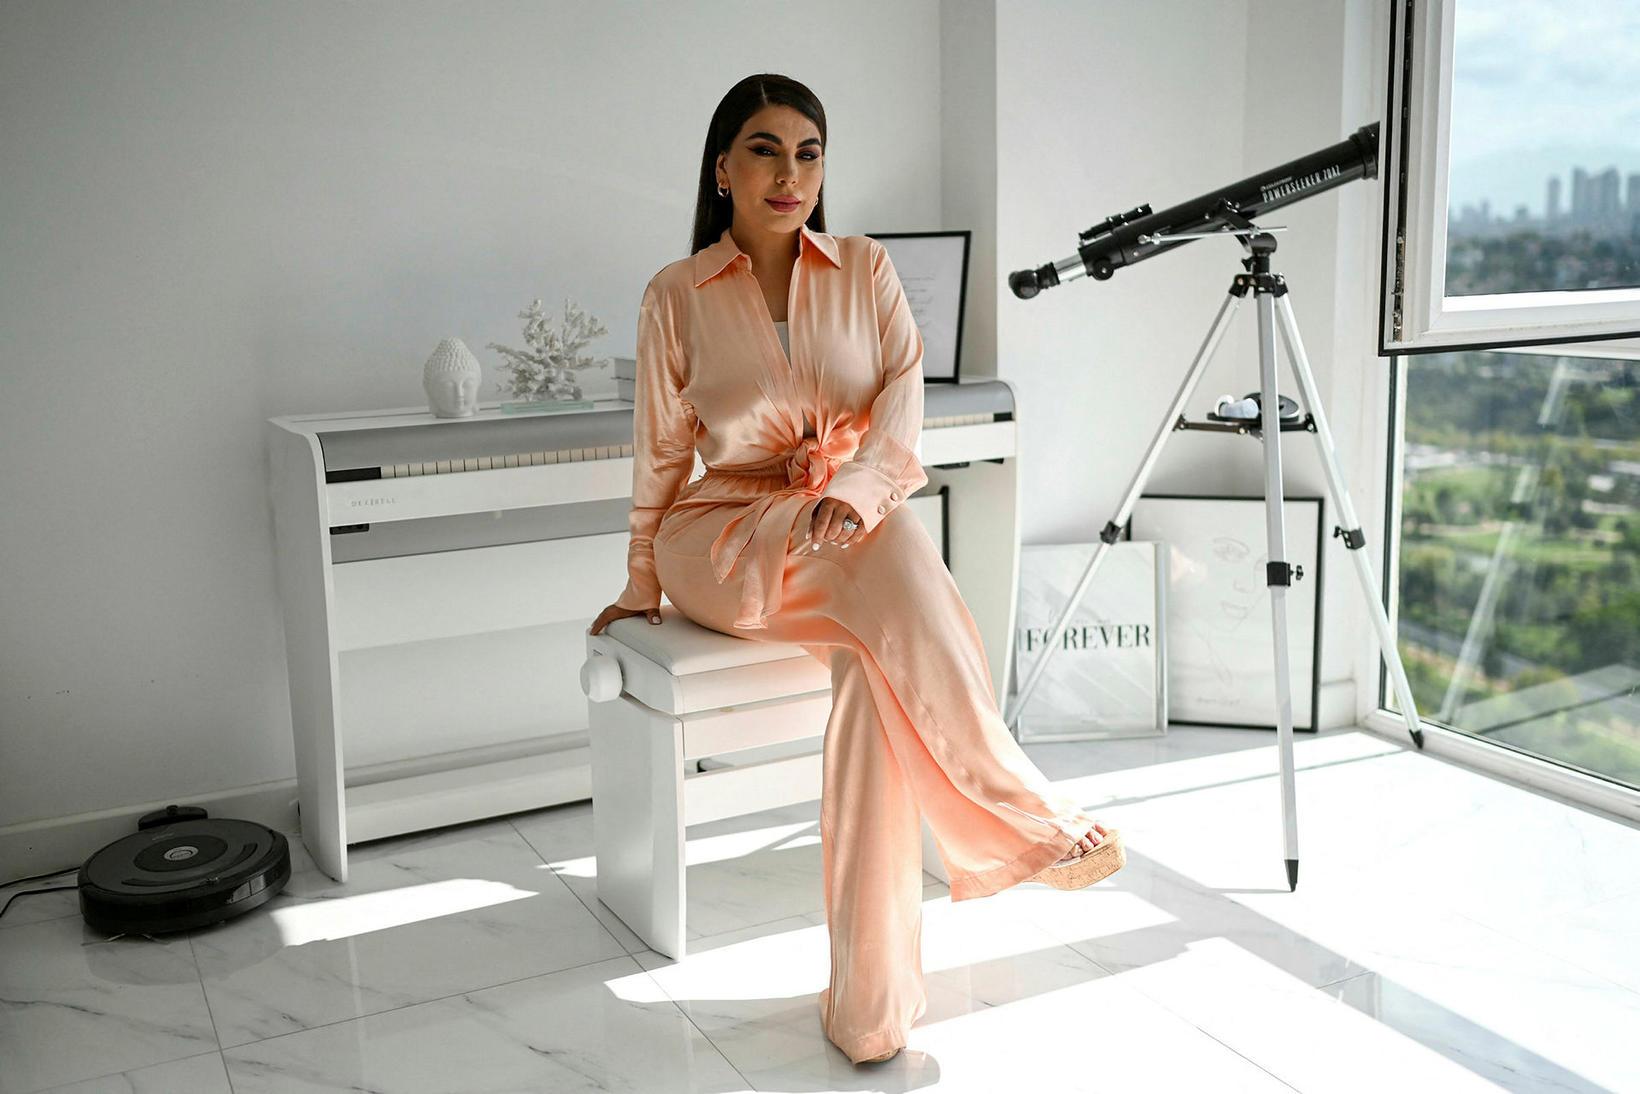 Sayeed er gjarnan líkt við bandarísku raunveruleikastjörnuna Kim Kardashian.